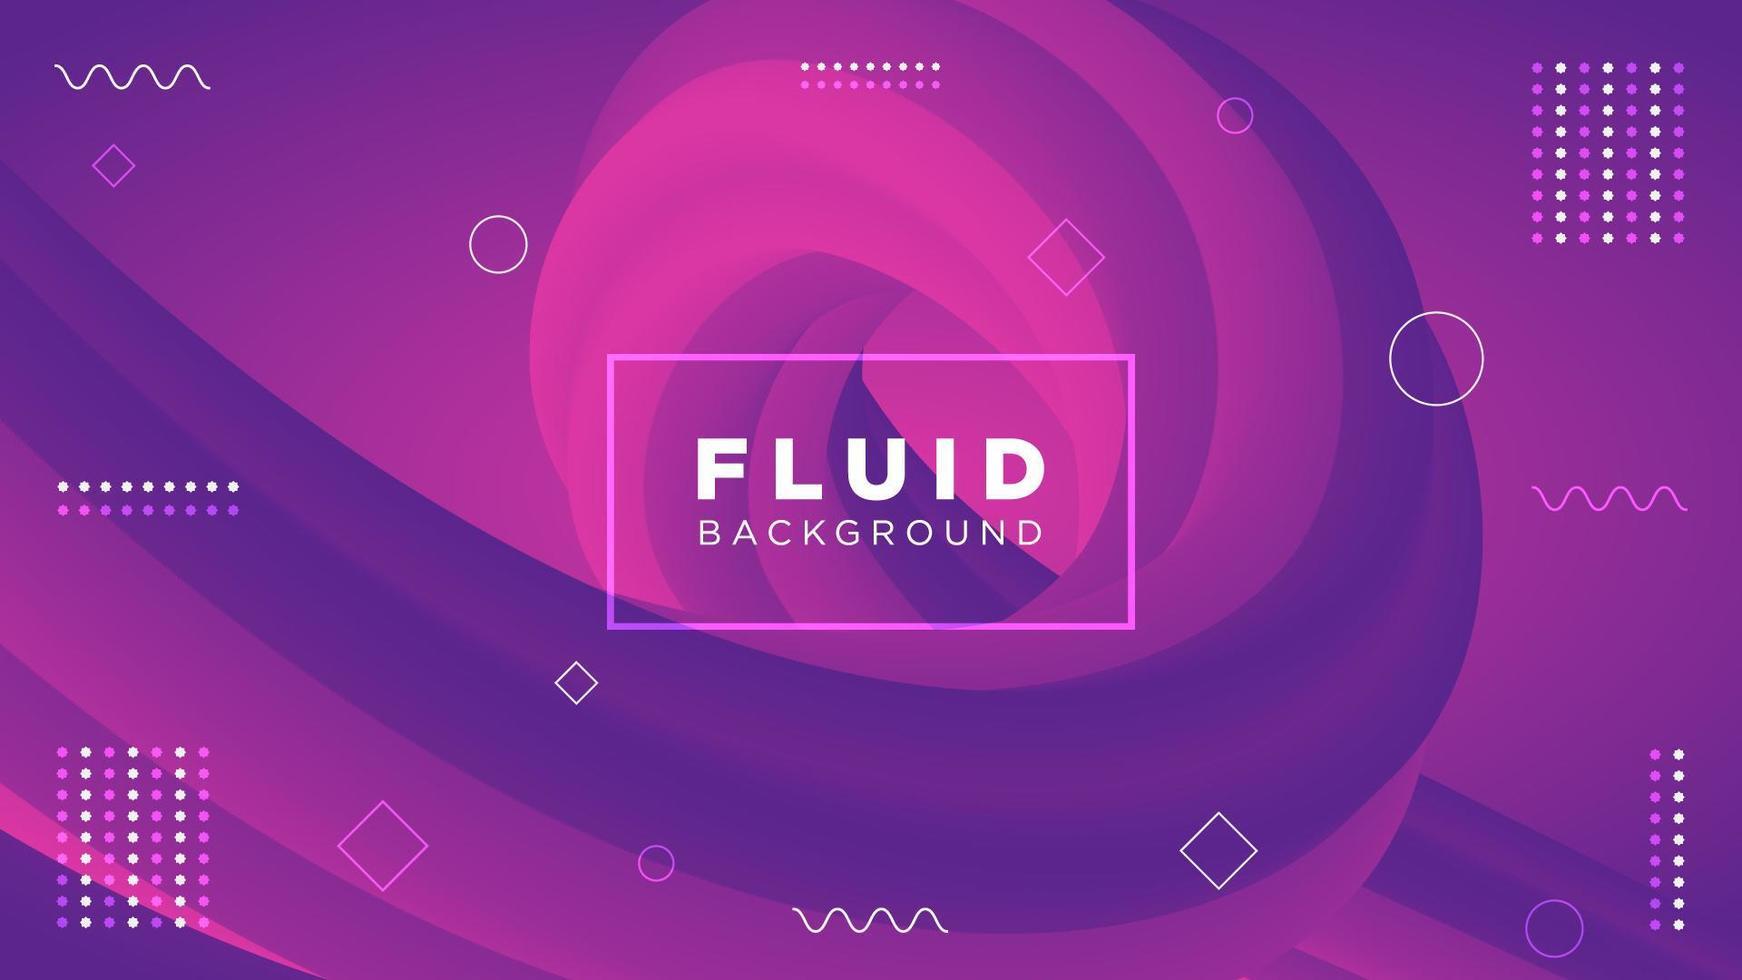 Sfondo sfumato fluido astratto viola e rosa vettore